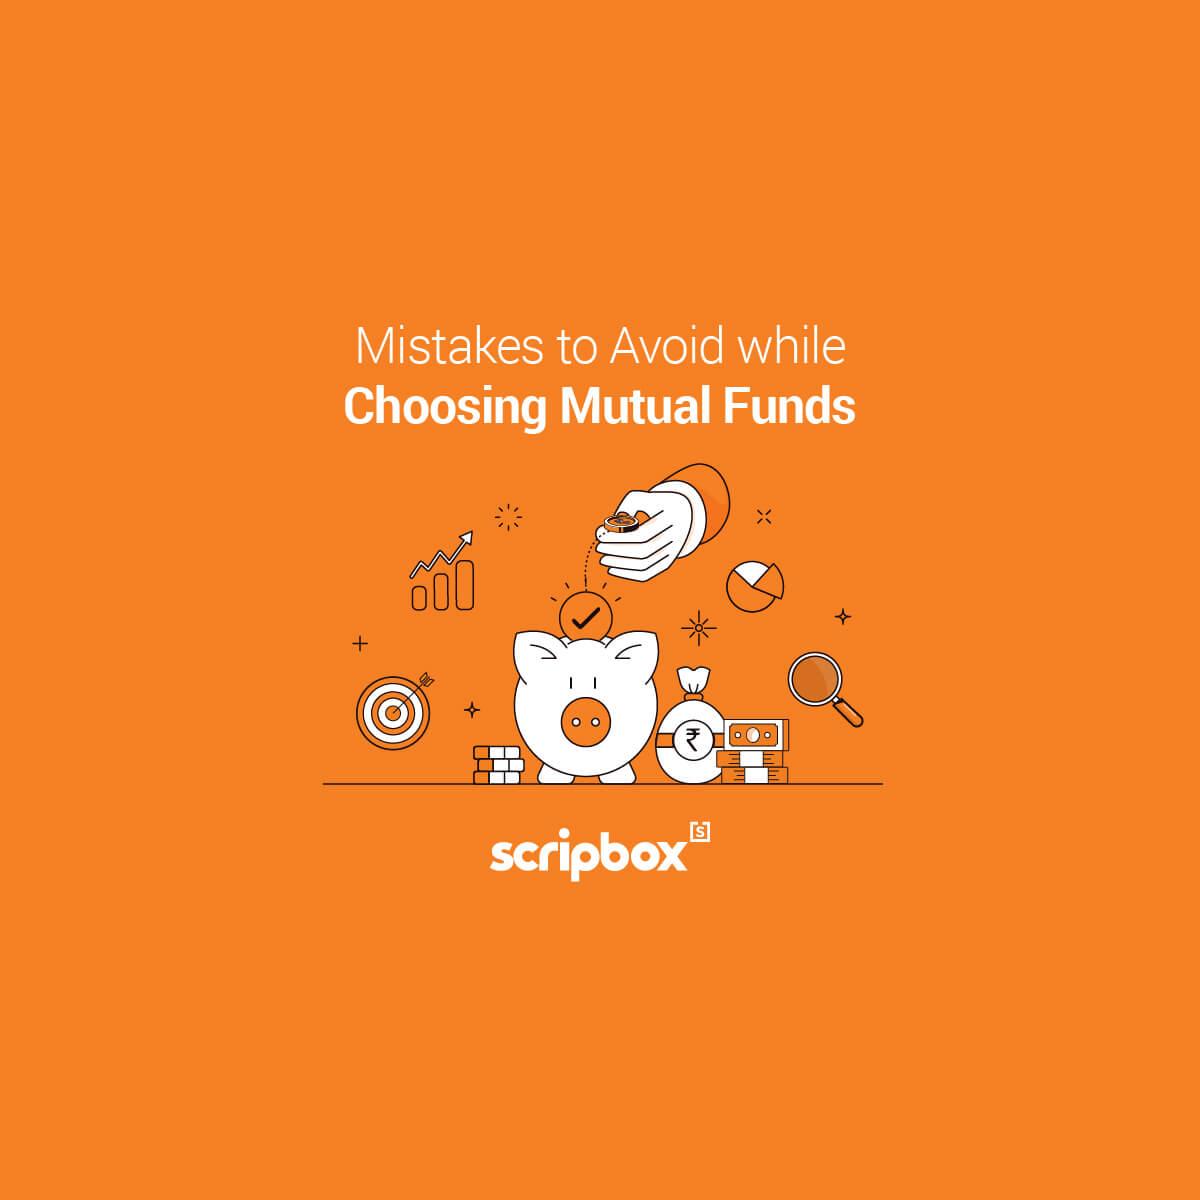 choosing mutual funds